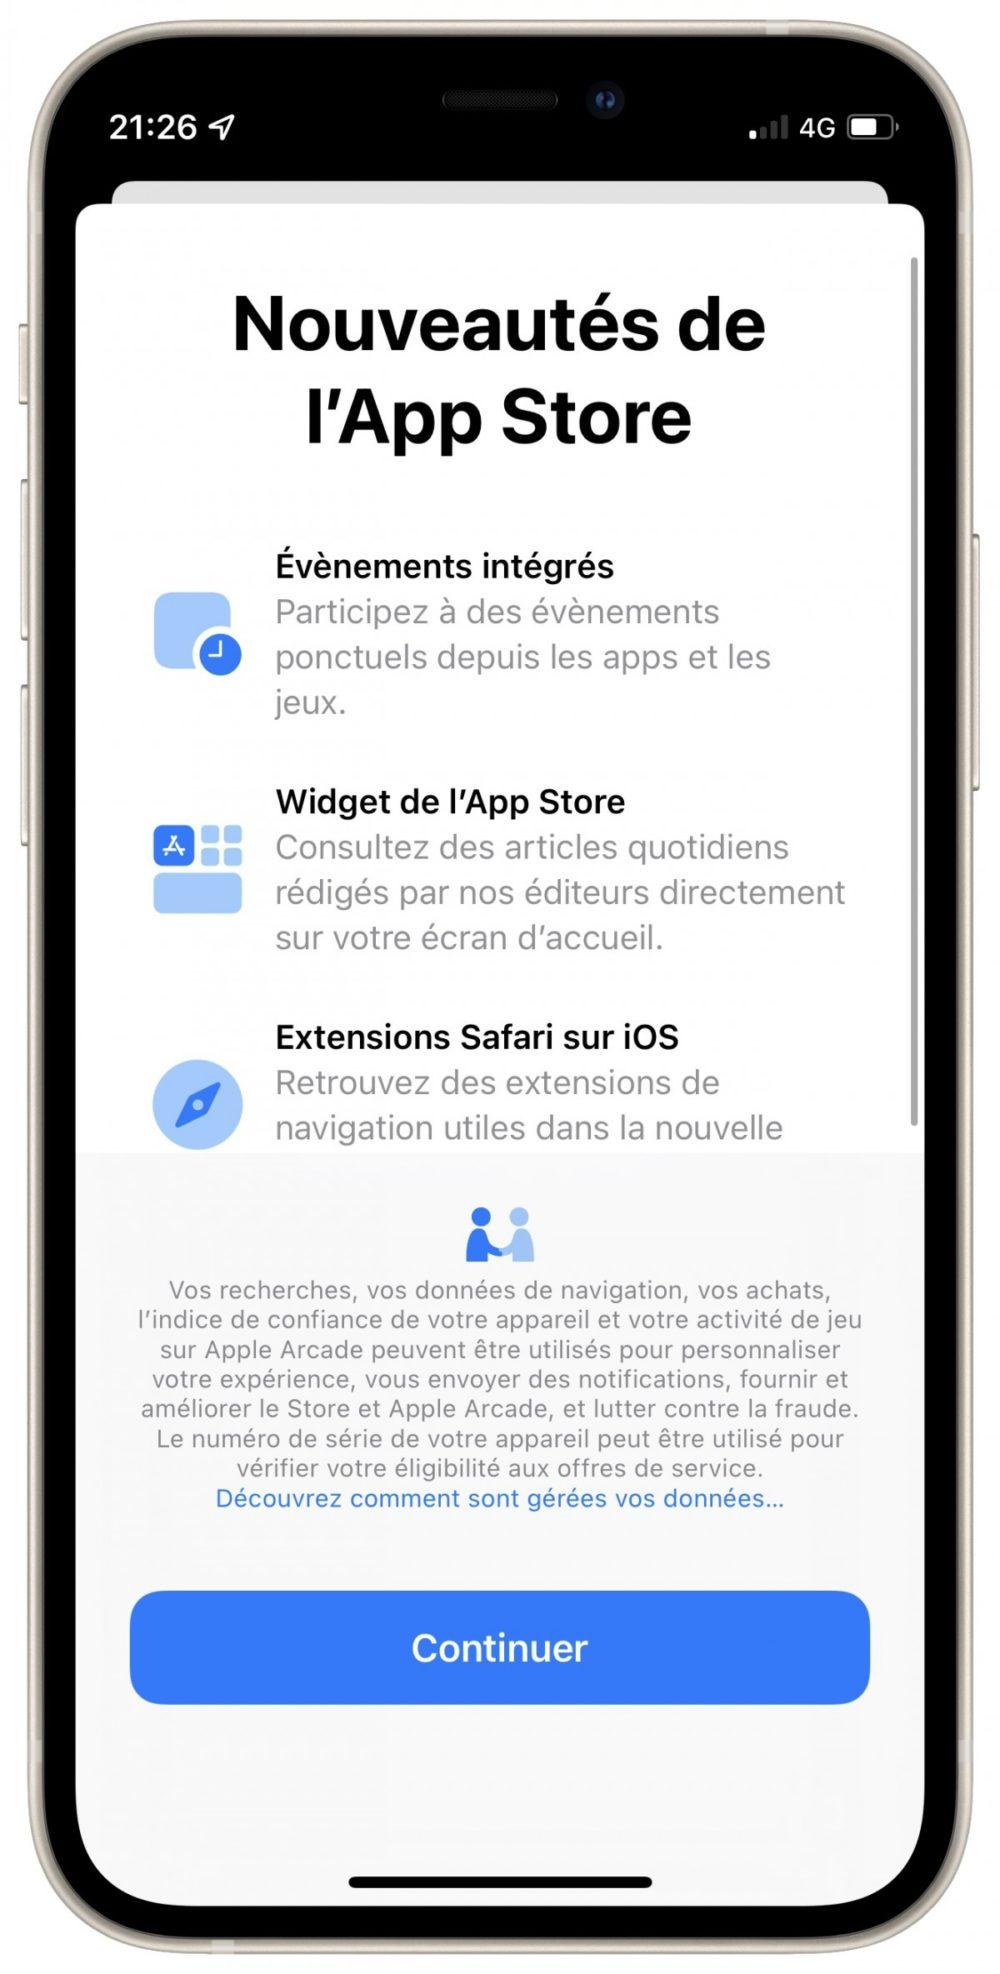 App Store iOS 15 Beta 3 iOS 15 et iPadOS 15 bêta 3 : la liste des nouveautés proposées par Apple